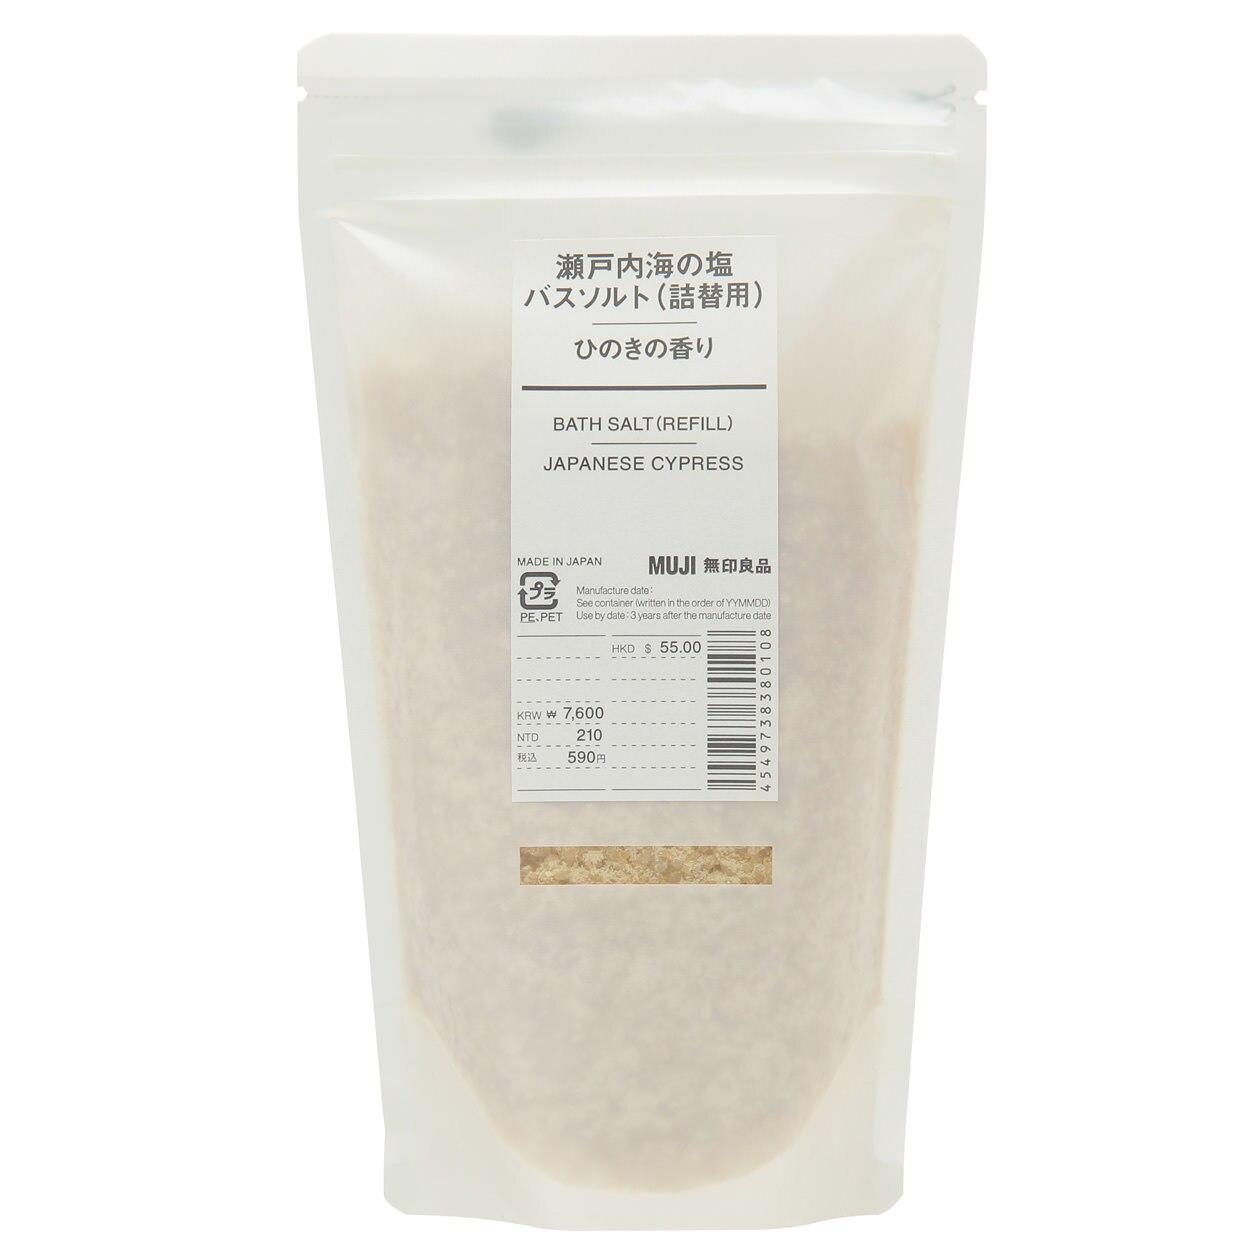 瀬戸内海の塩バスソルト・ひのきの香り(詰替用)